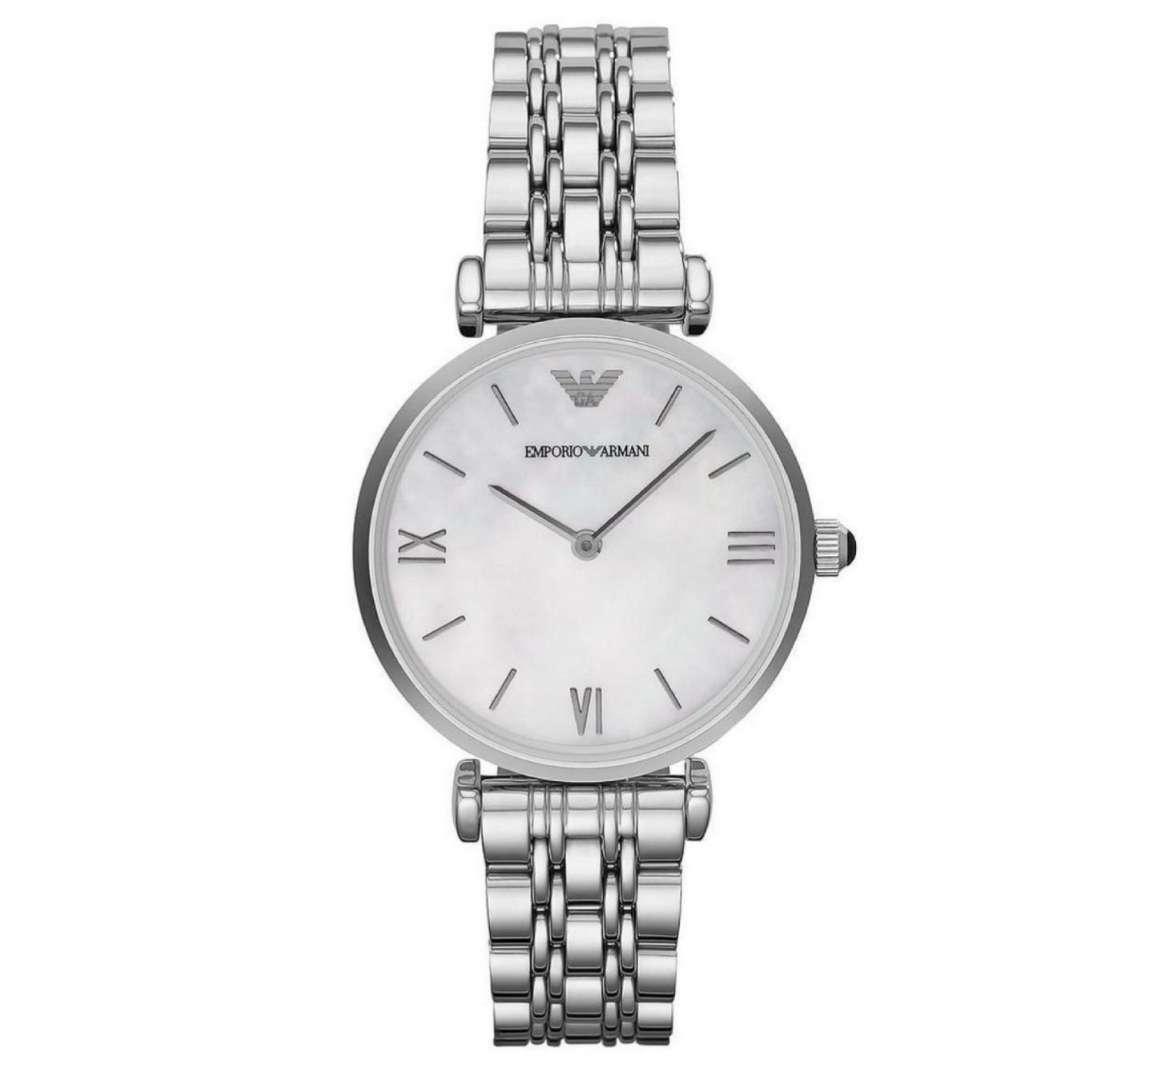 שעון יד אנלוגי לאישה emporio armani ar1682 אמפוריו ארמני